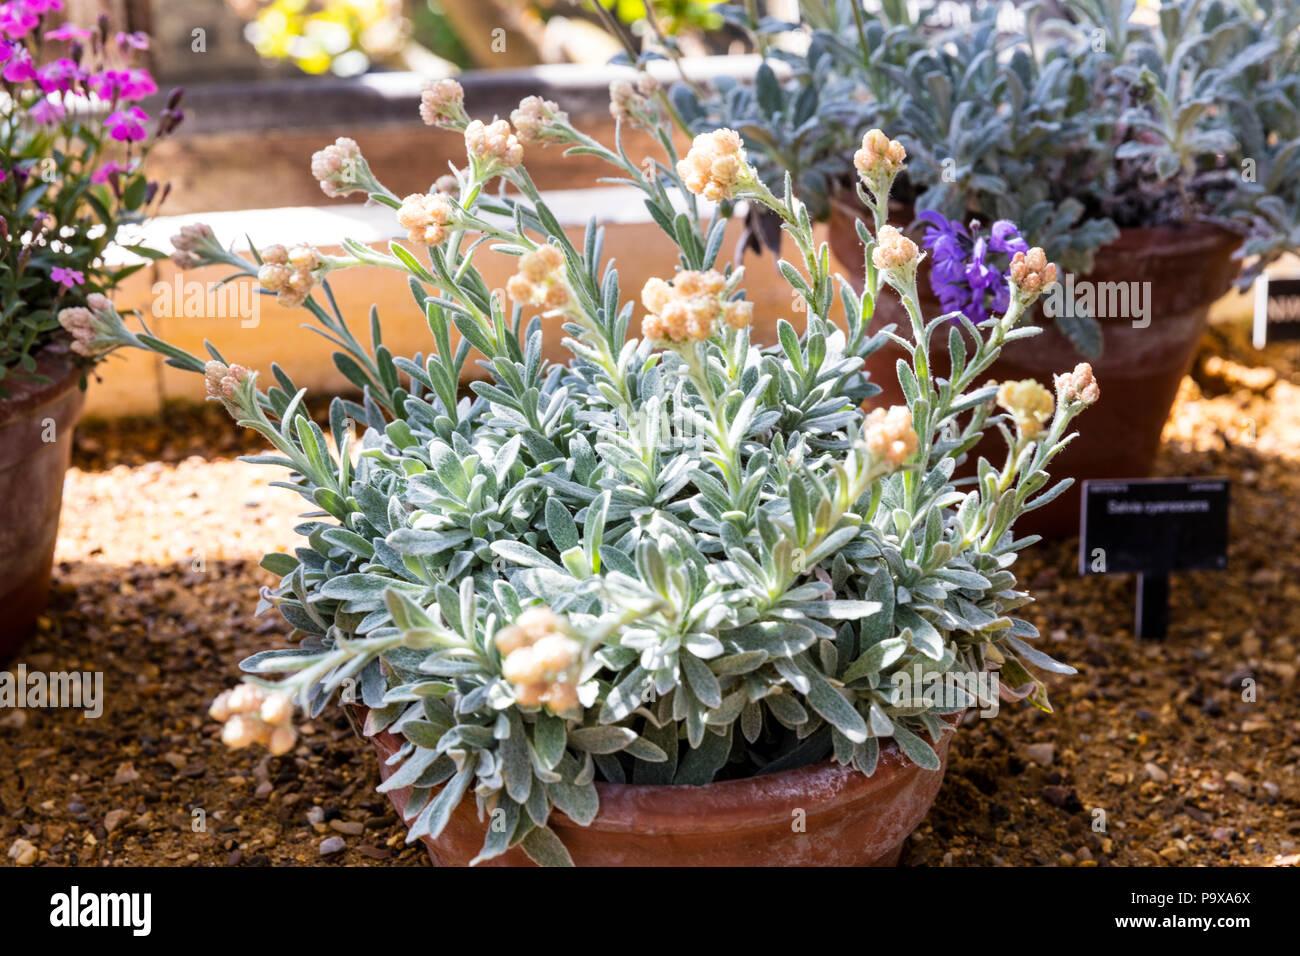 helichrysum orientale, ewige blumen, ewige blumen pflanze, ewige